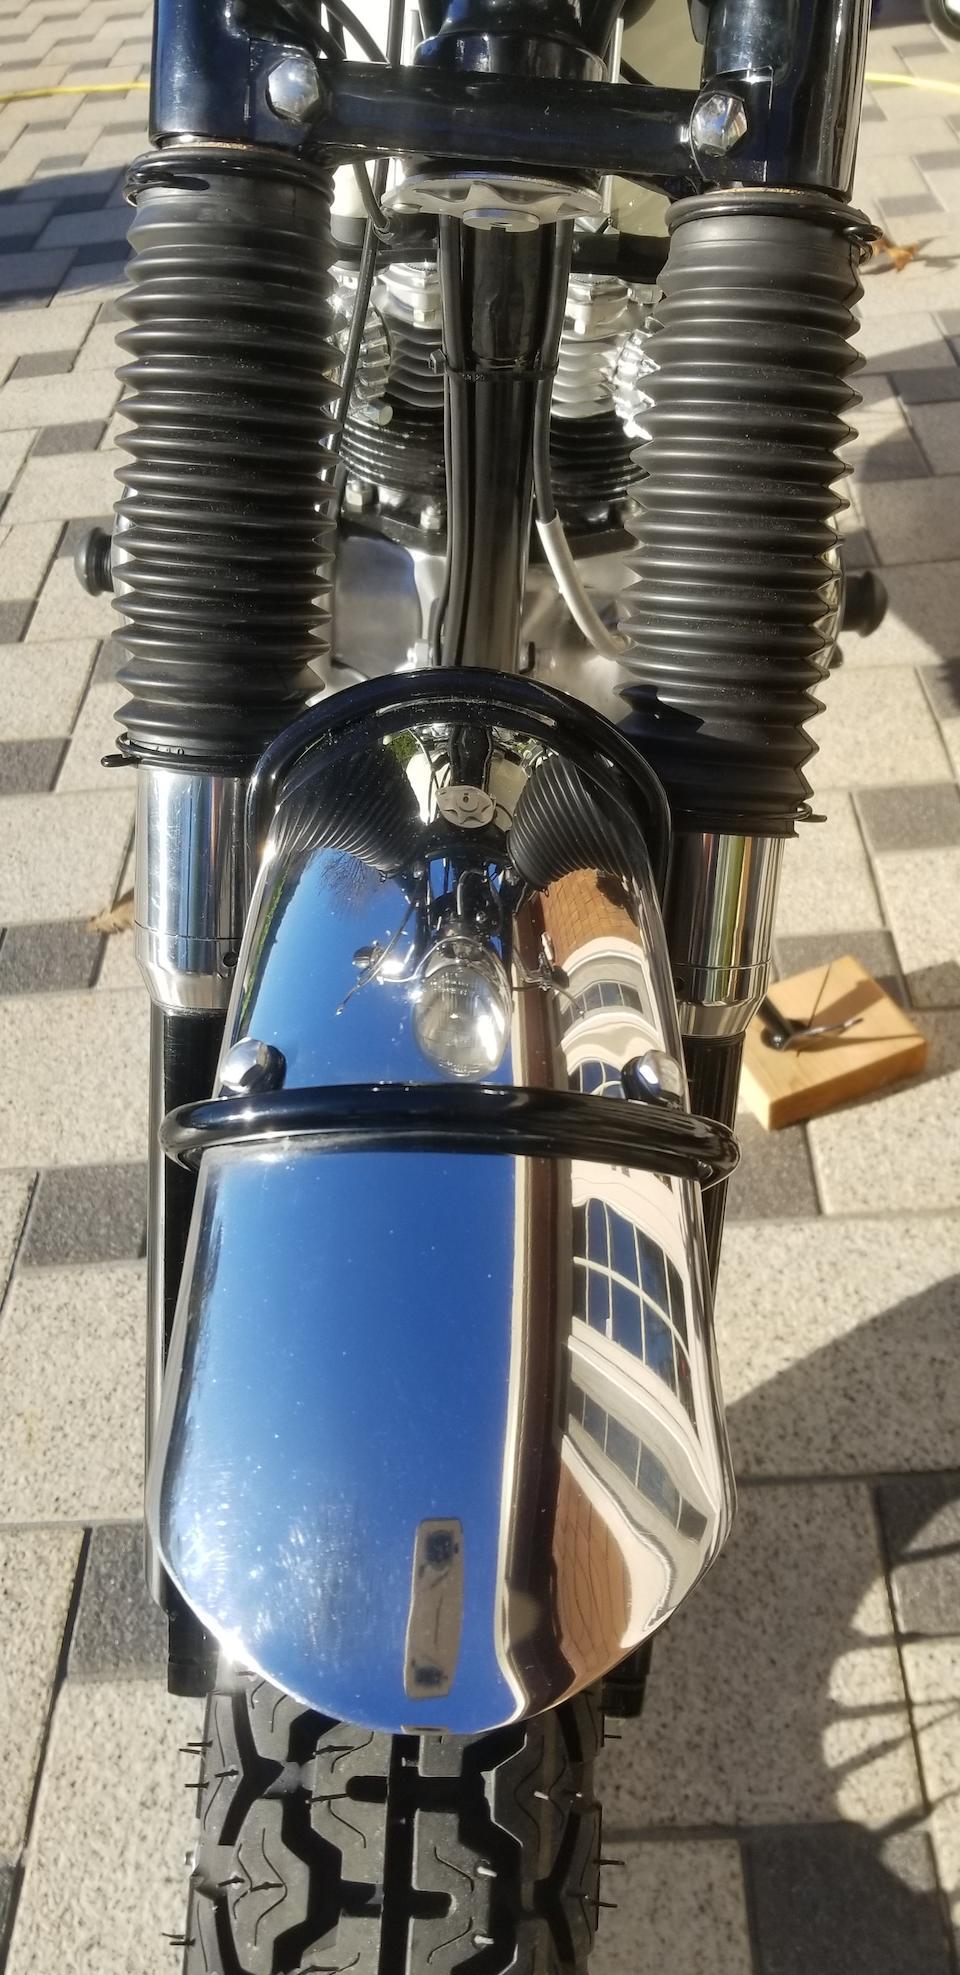 1967 Triumph 649cc T120R Bonneville Frame no. T120R DU45094 Engine no. T120R DU45094